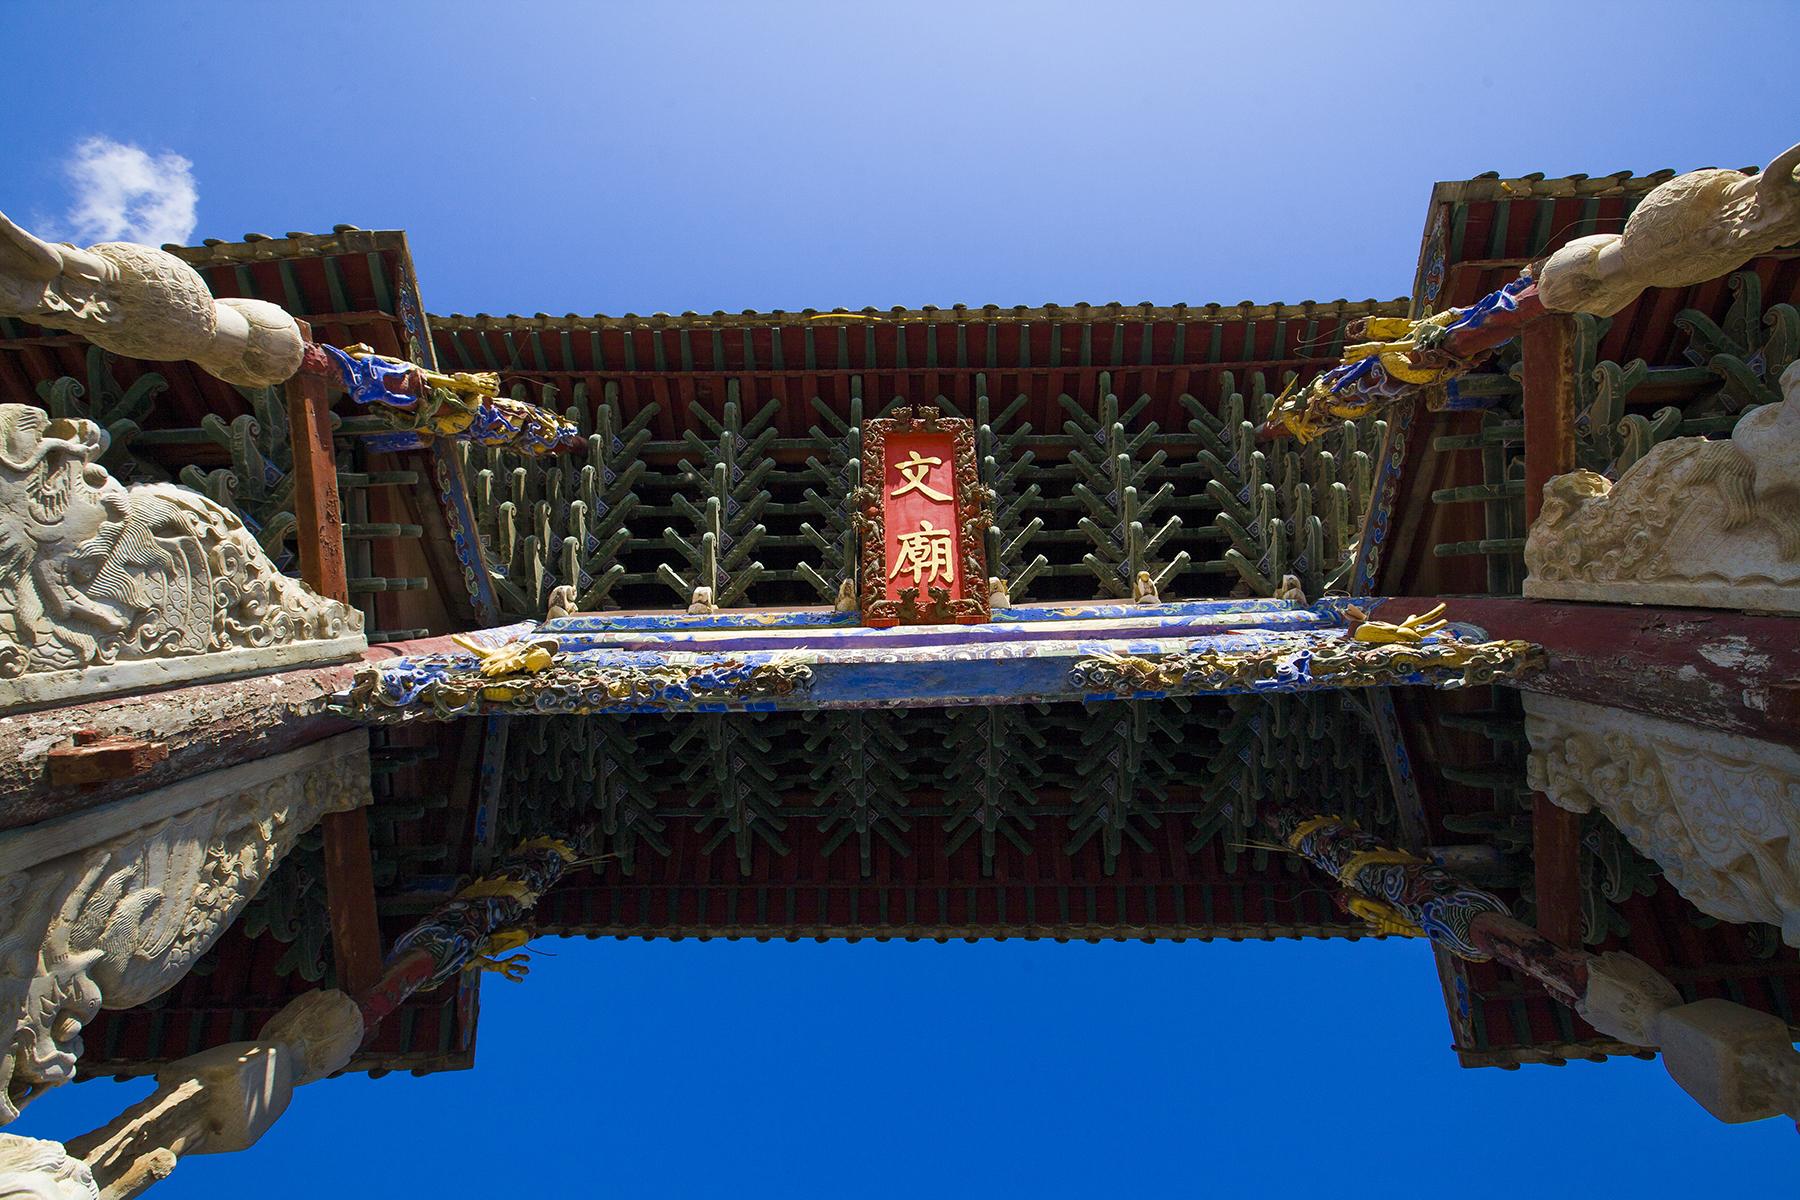 <b>东南亚最大的文庙建筑群,集宋元明清四朝建筑精华,内有孔子墓</b>